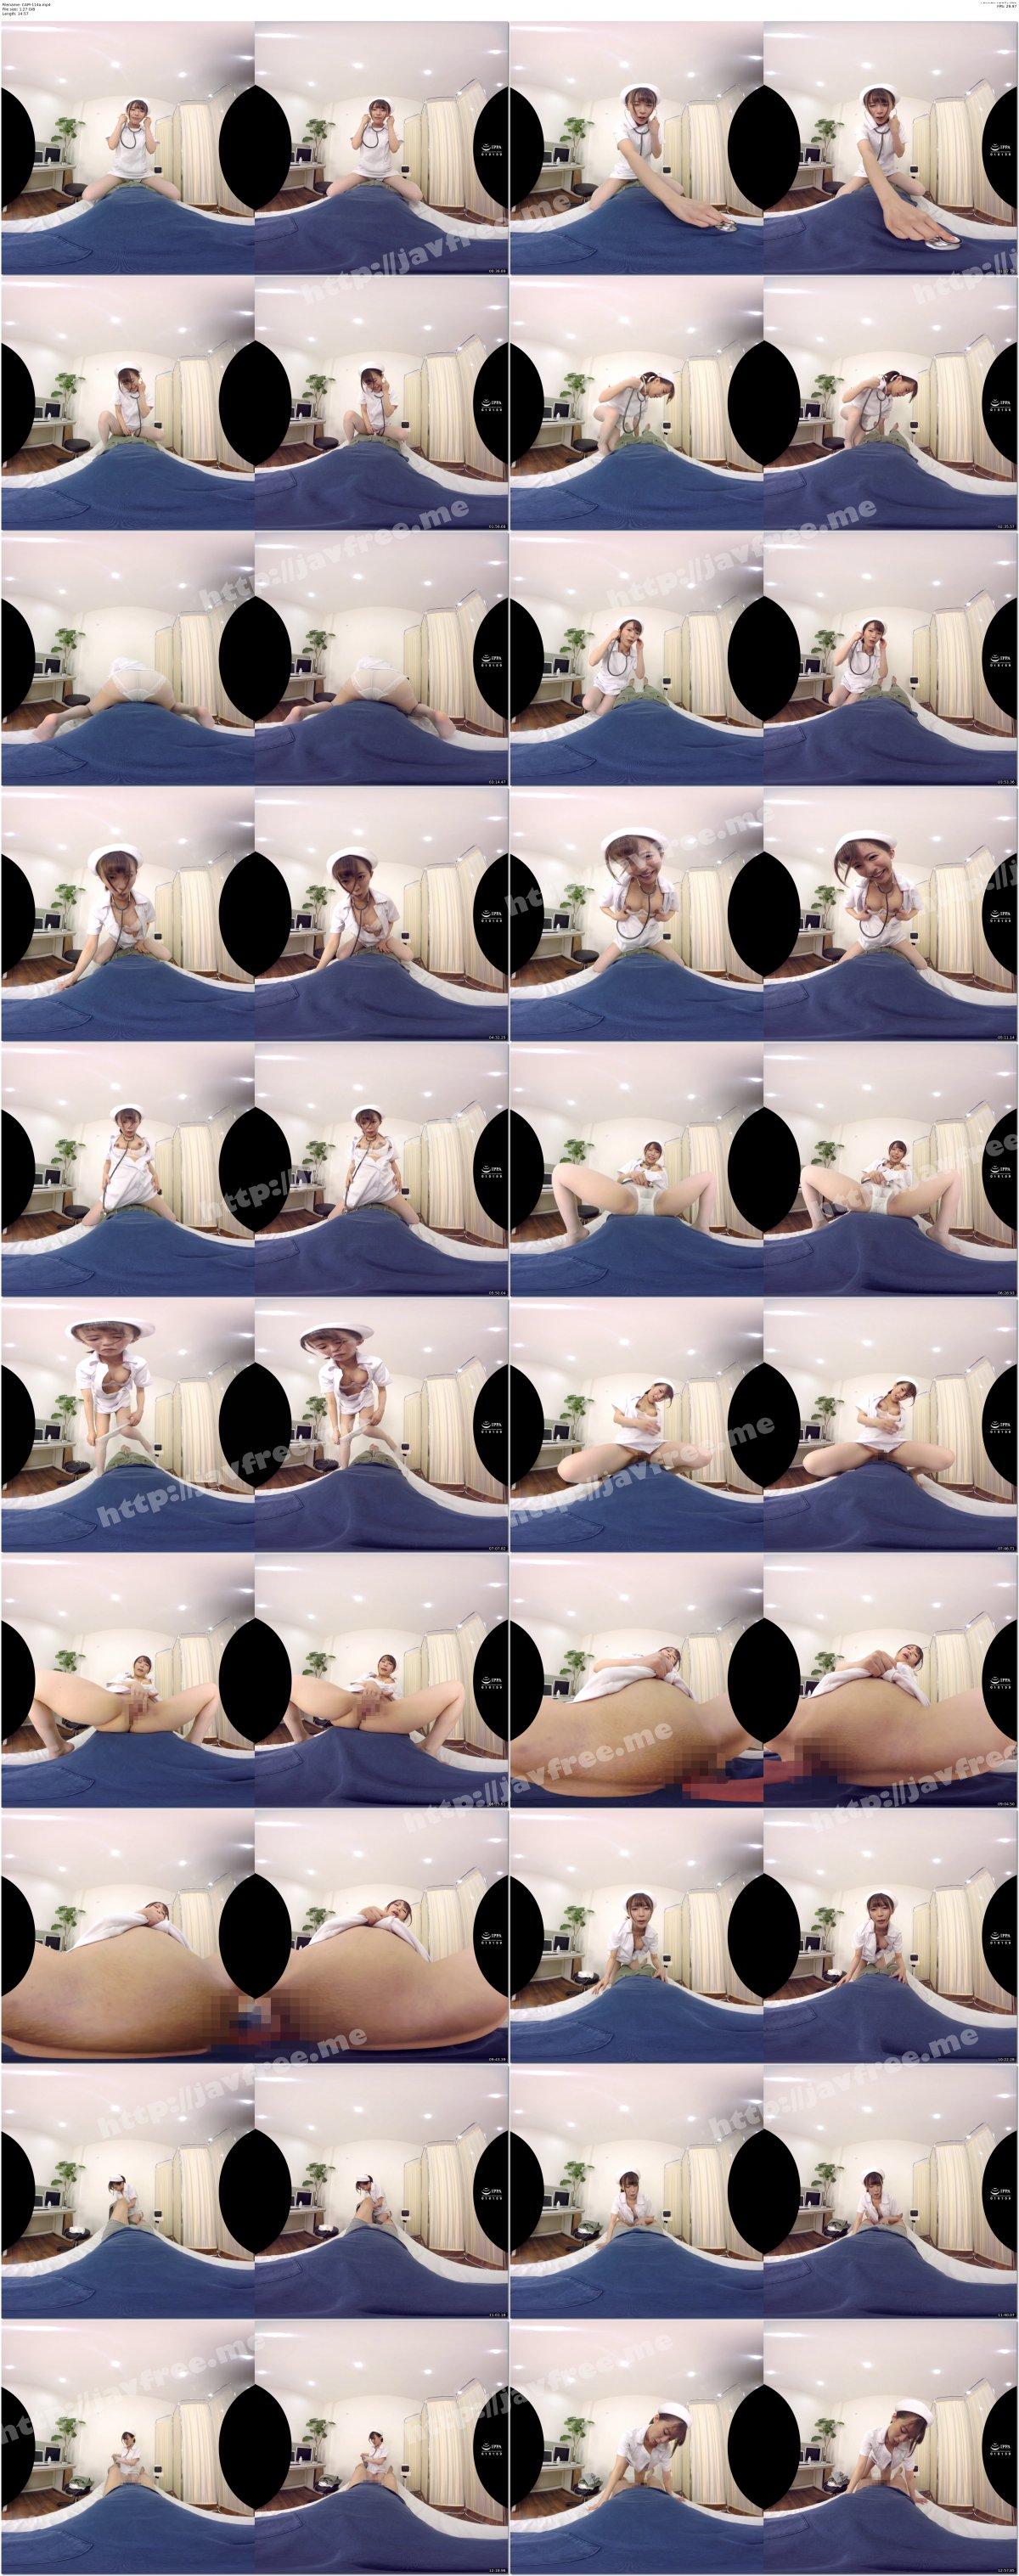 [CAPI-114] 【VR】ドクター不在をいいことに患者を誘惑診断する淫乱ナース 望月りさ - image CAPI-114a on https://javfree.me